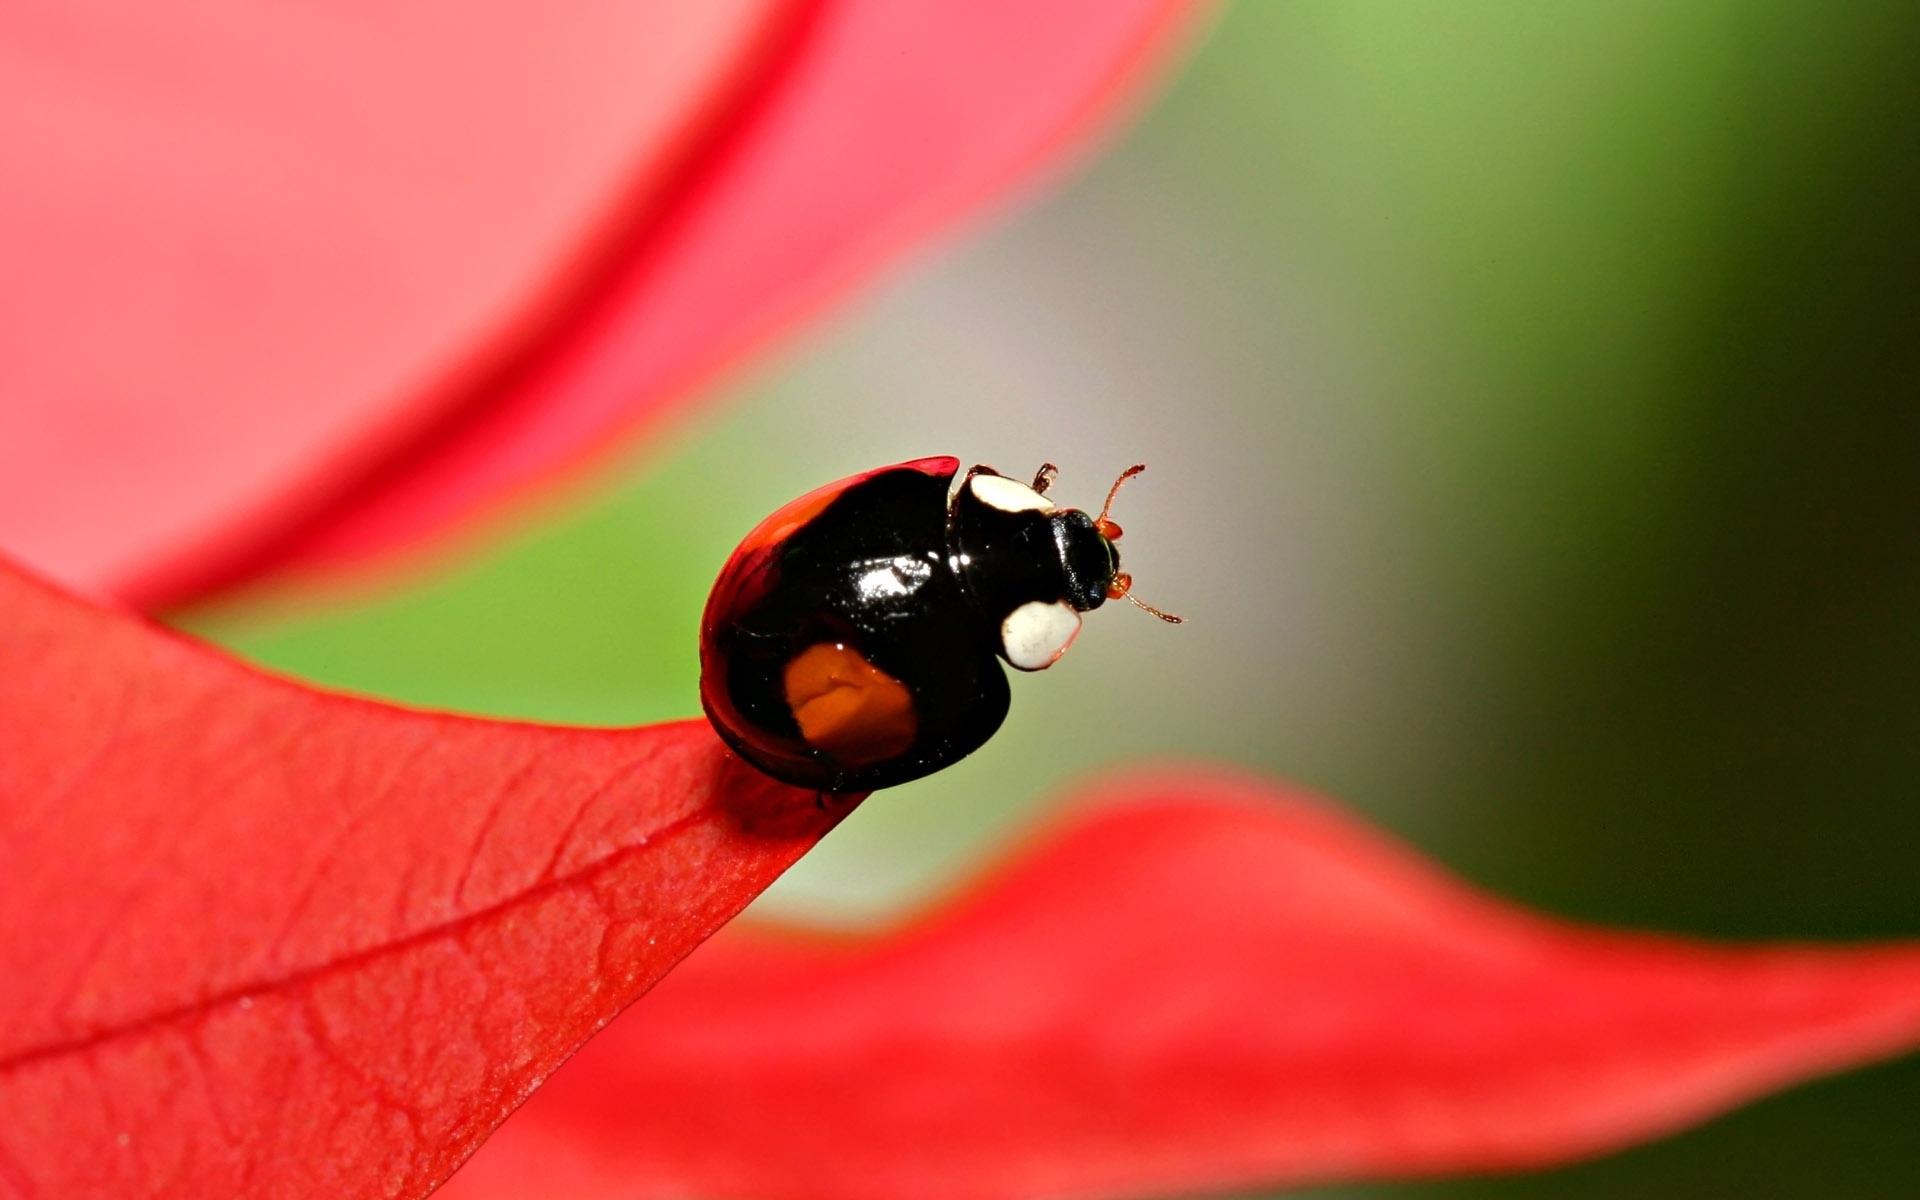 49928 Salvapantallas y fondos de pantalla Insectos en tu teléfono. Descarga imágenes de Insectos, Mariquitas gratis